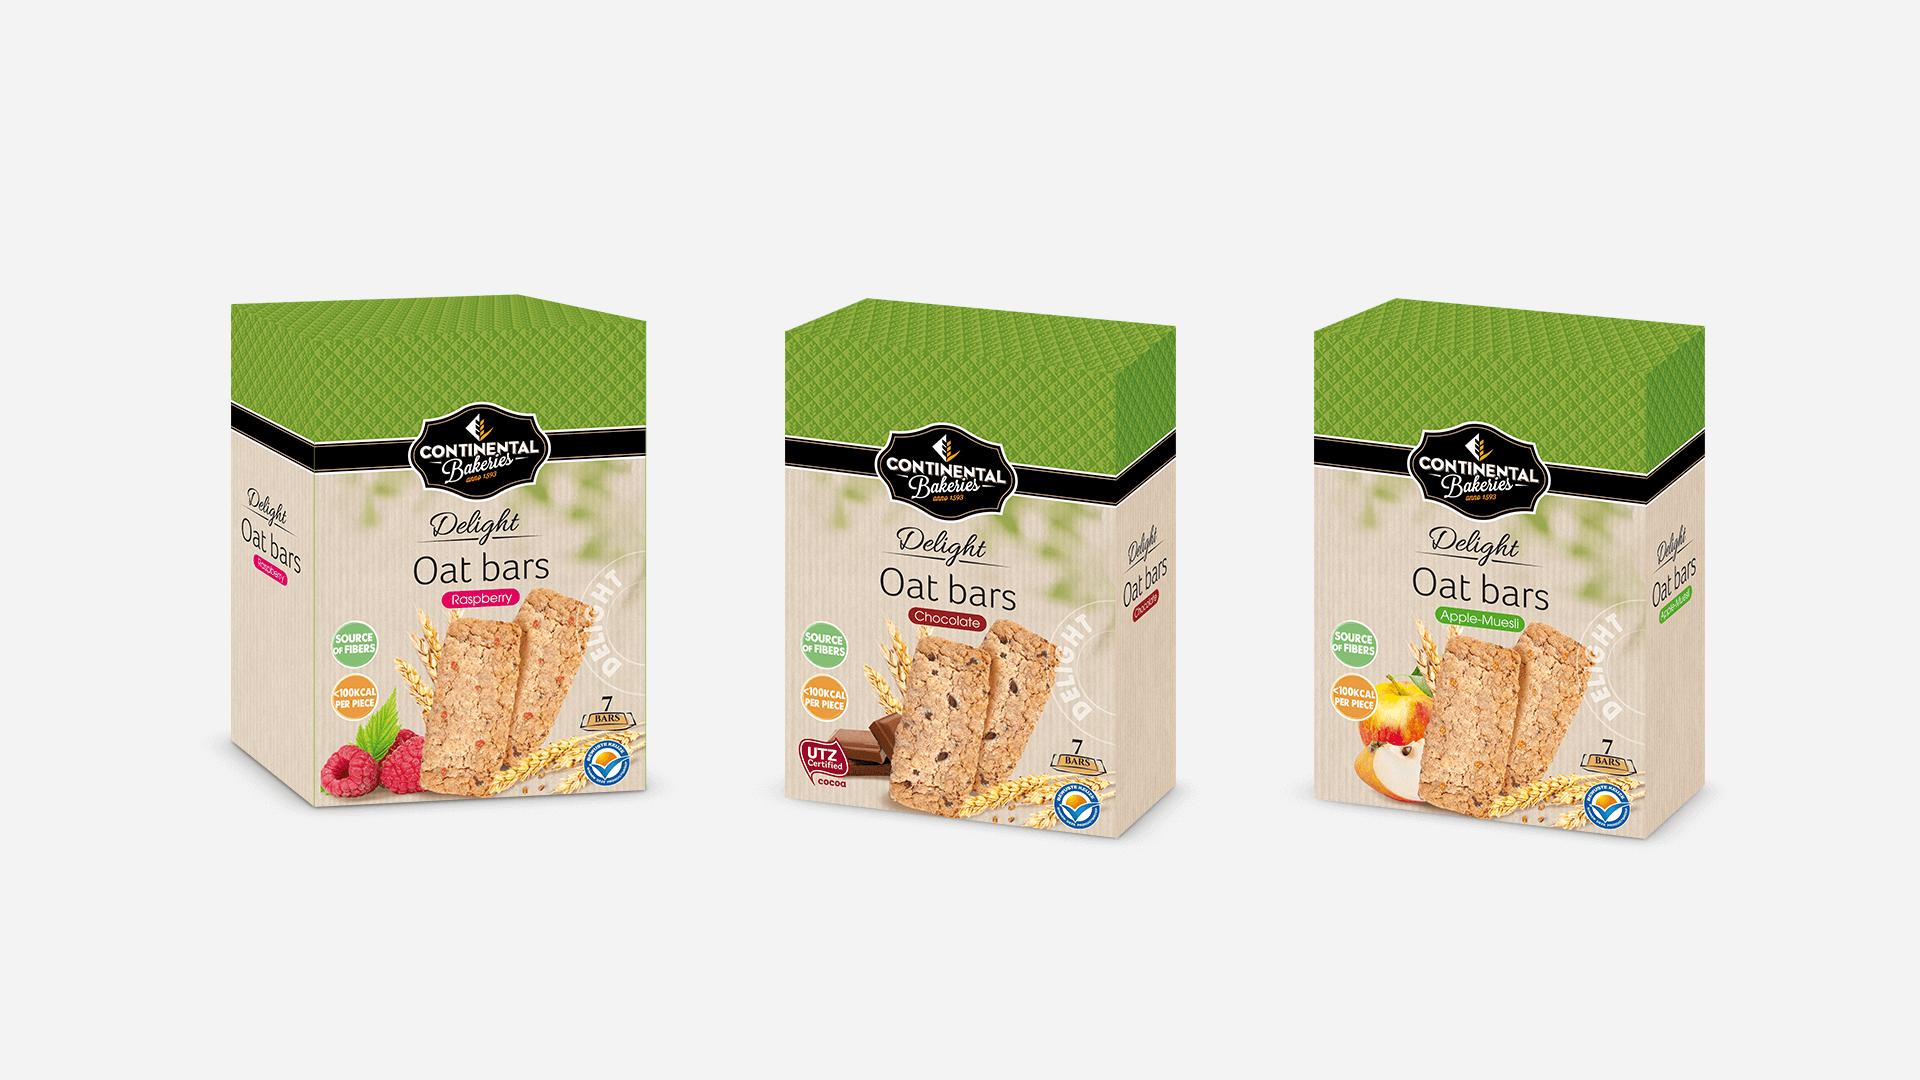 trois packs de la gamme Delight Continental Bakeries